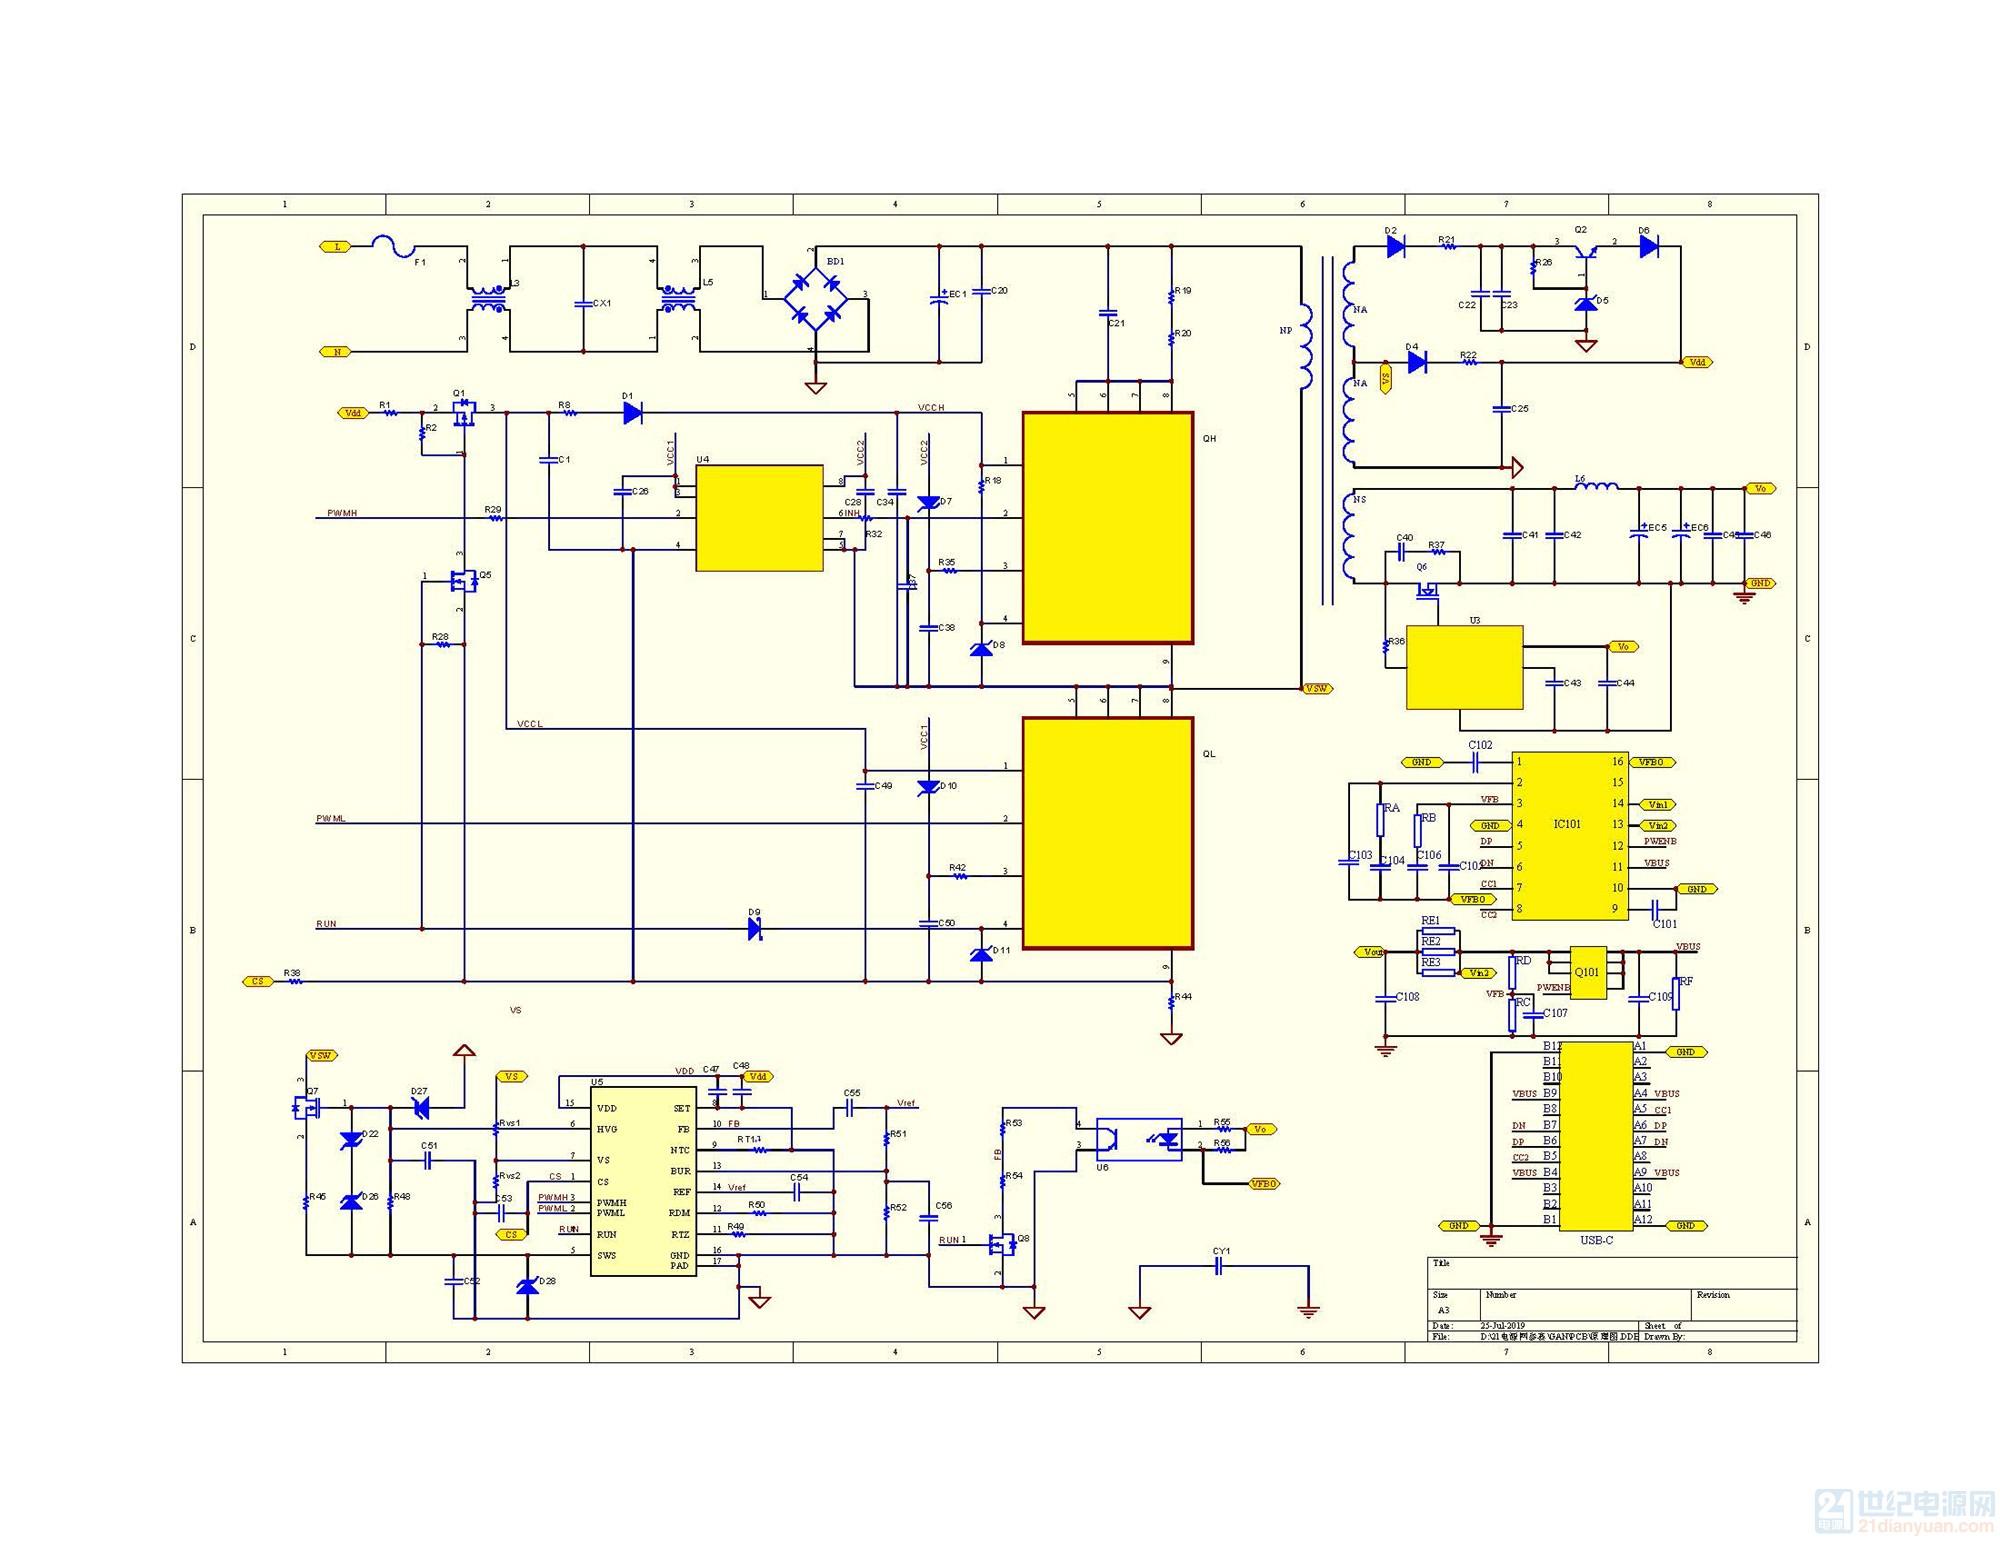 Protel Schematic1.jpg